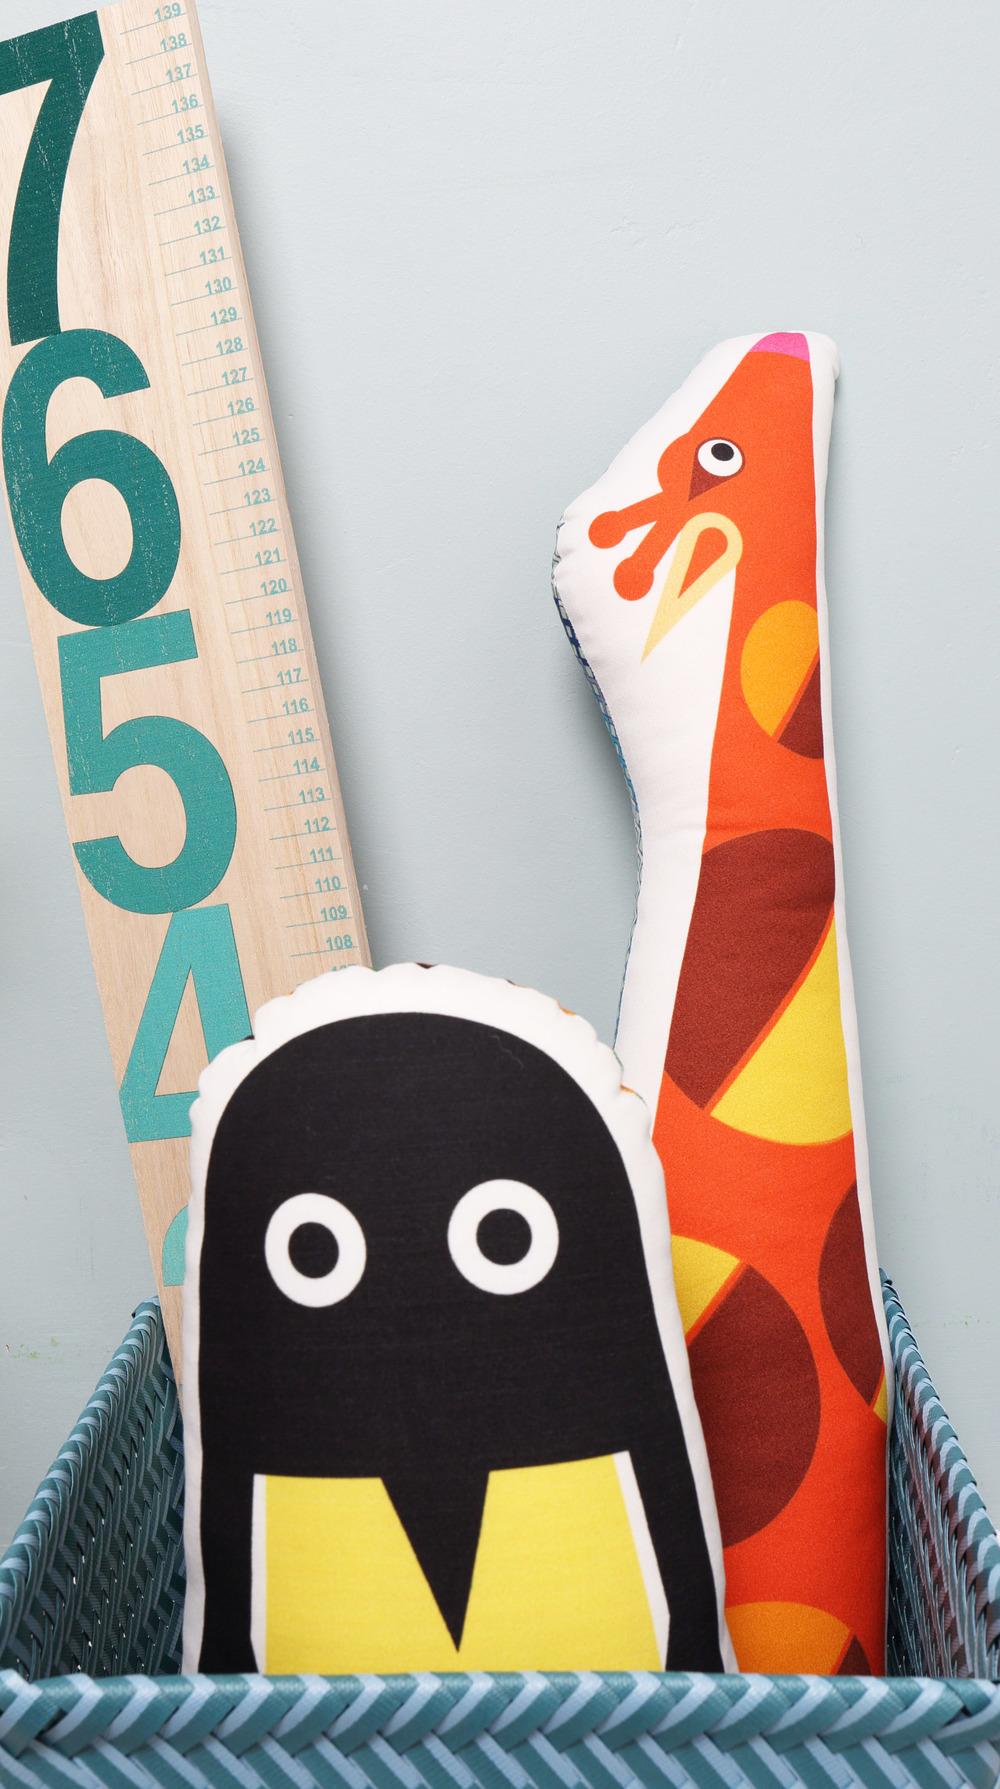 penguin giraffe ruler2.jpg